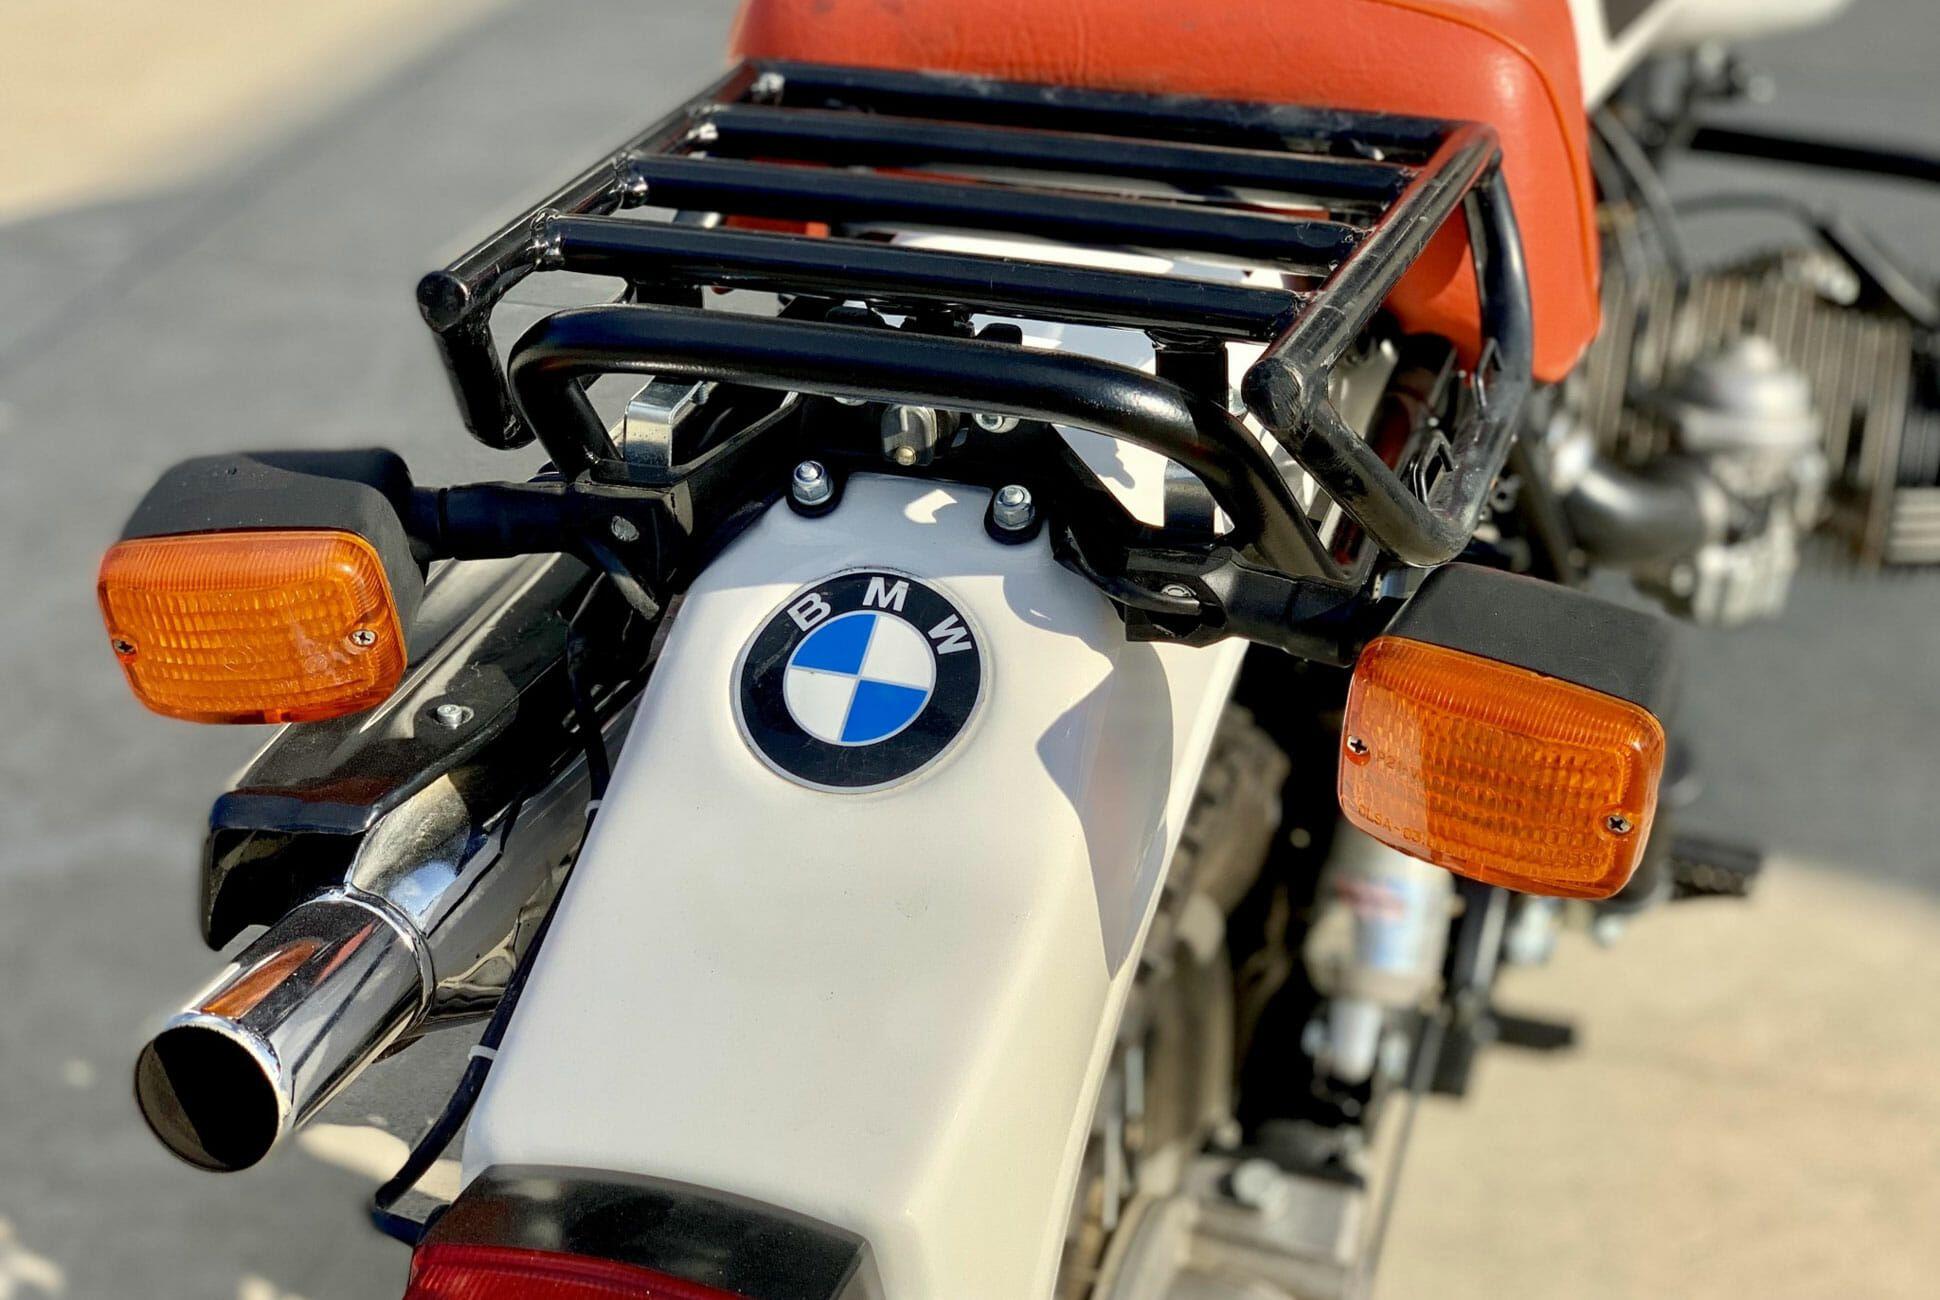 1981-BMW-R80G-Dakar-Gear-Patrol-slide-3